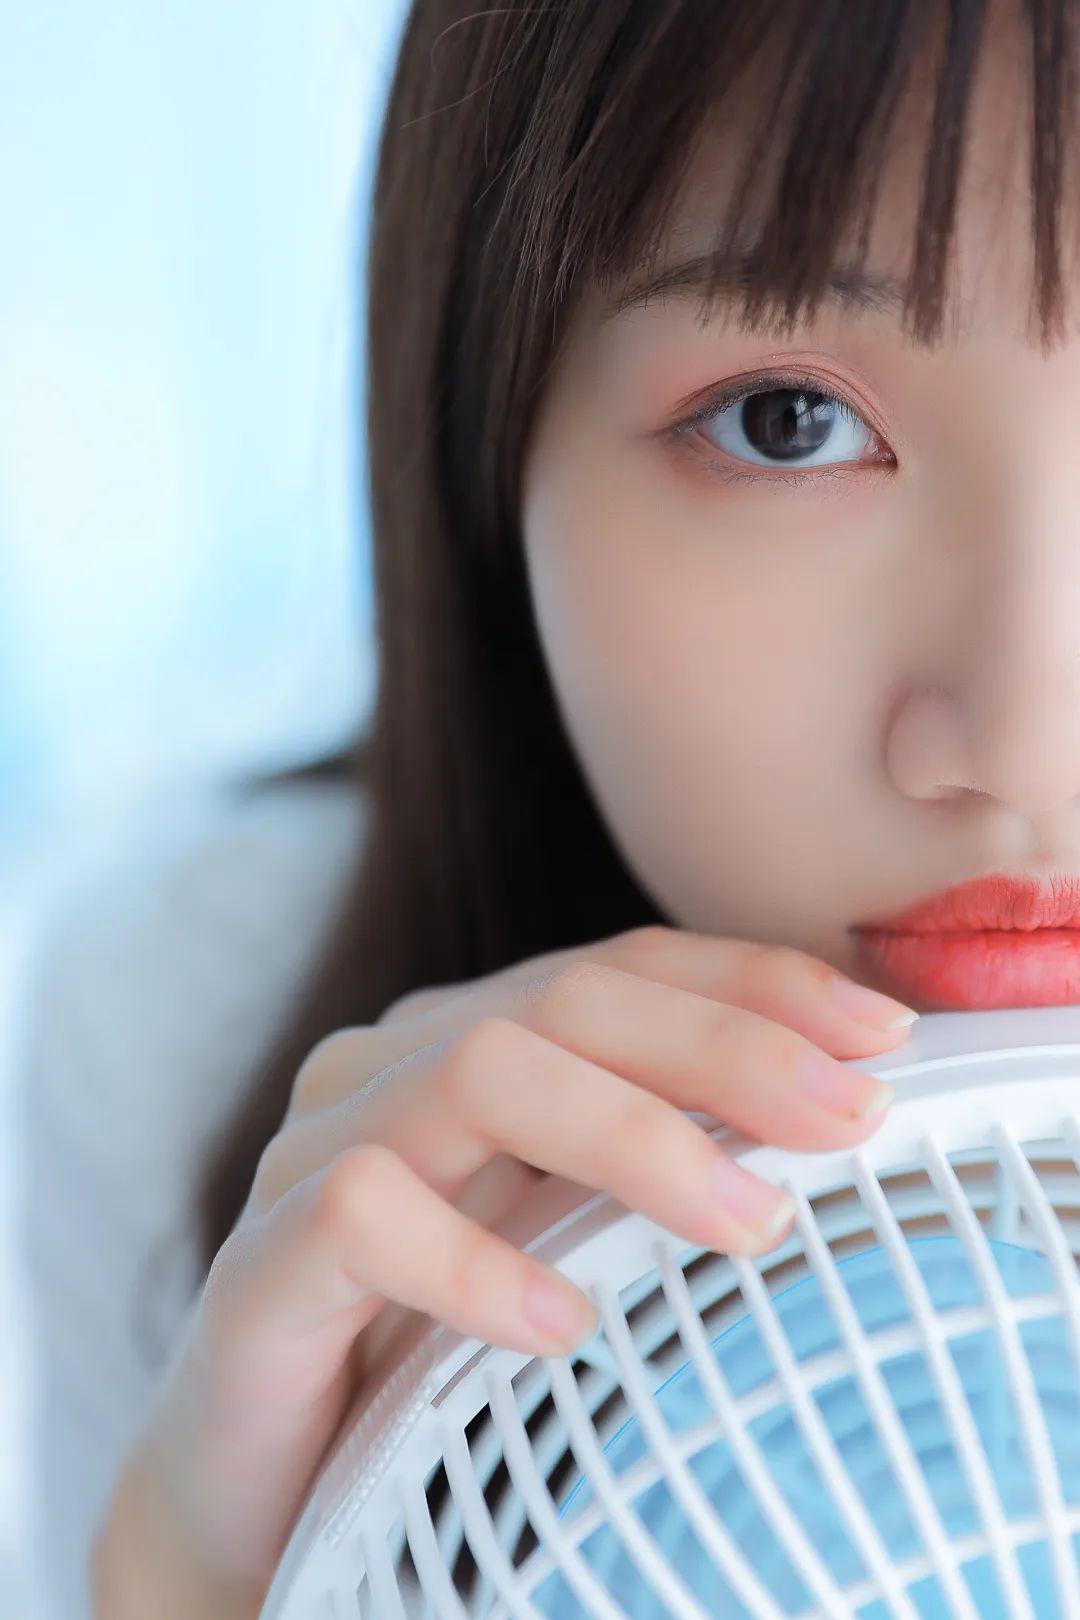 妹子摄影 – 短裙萝莉双马尾_图片 No.10